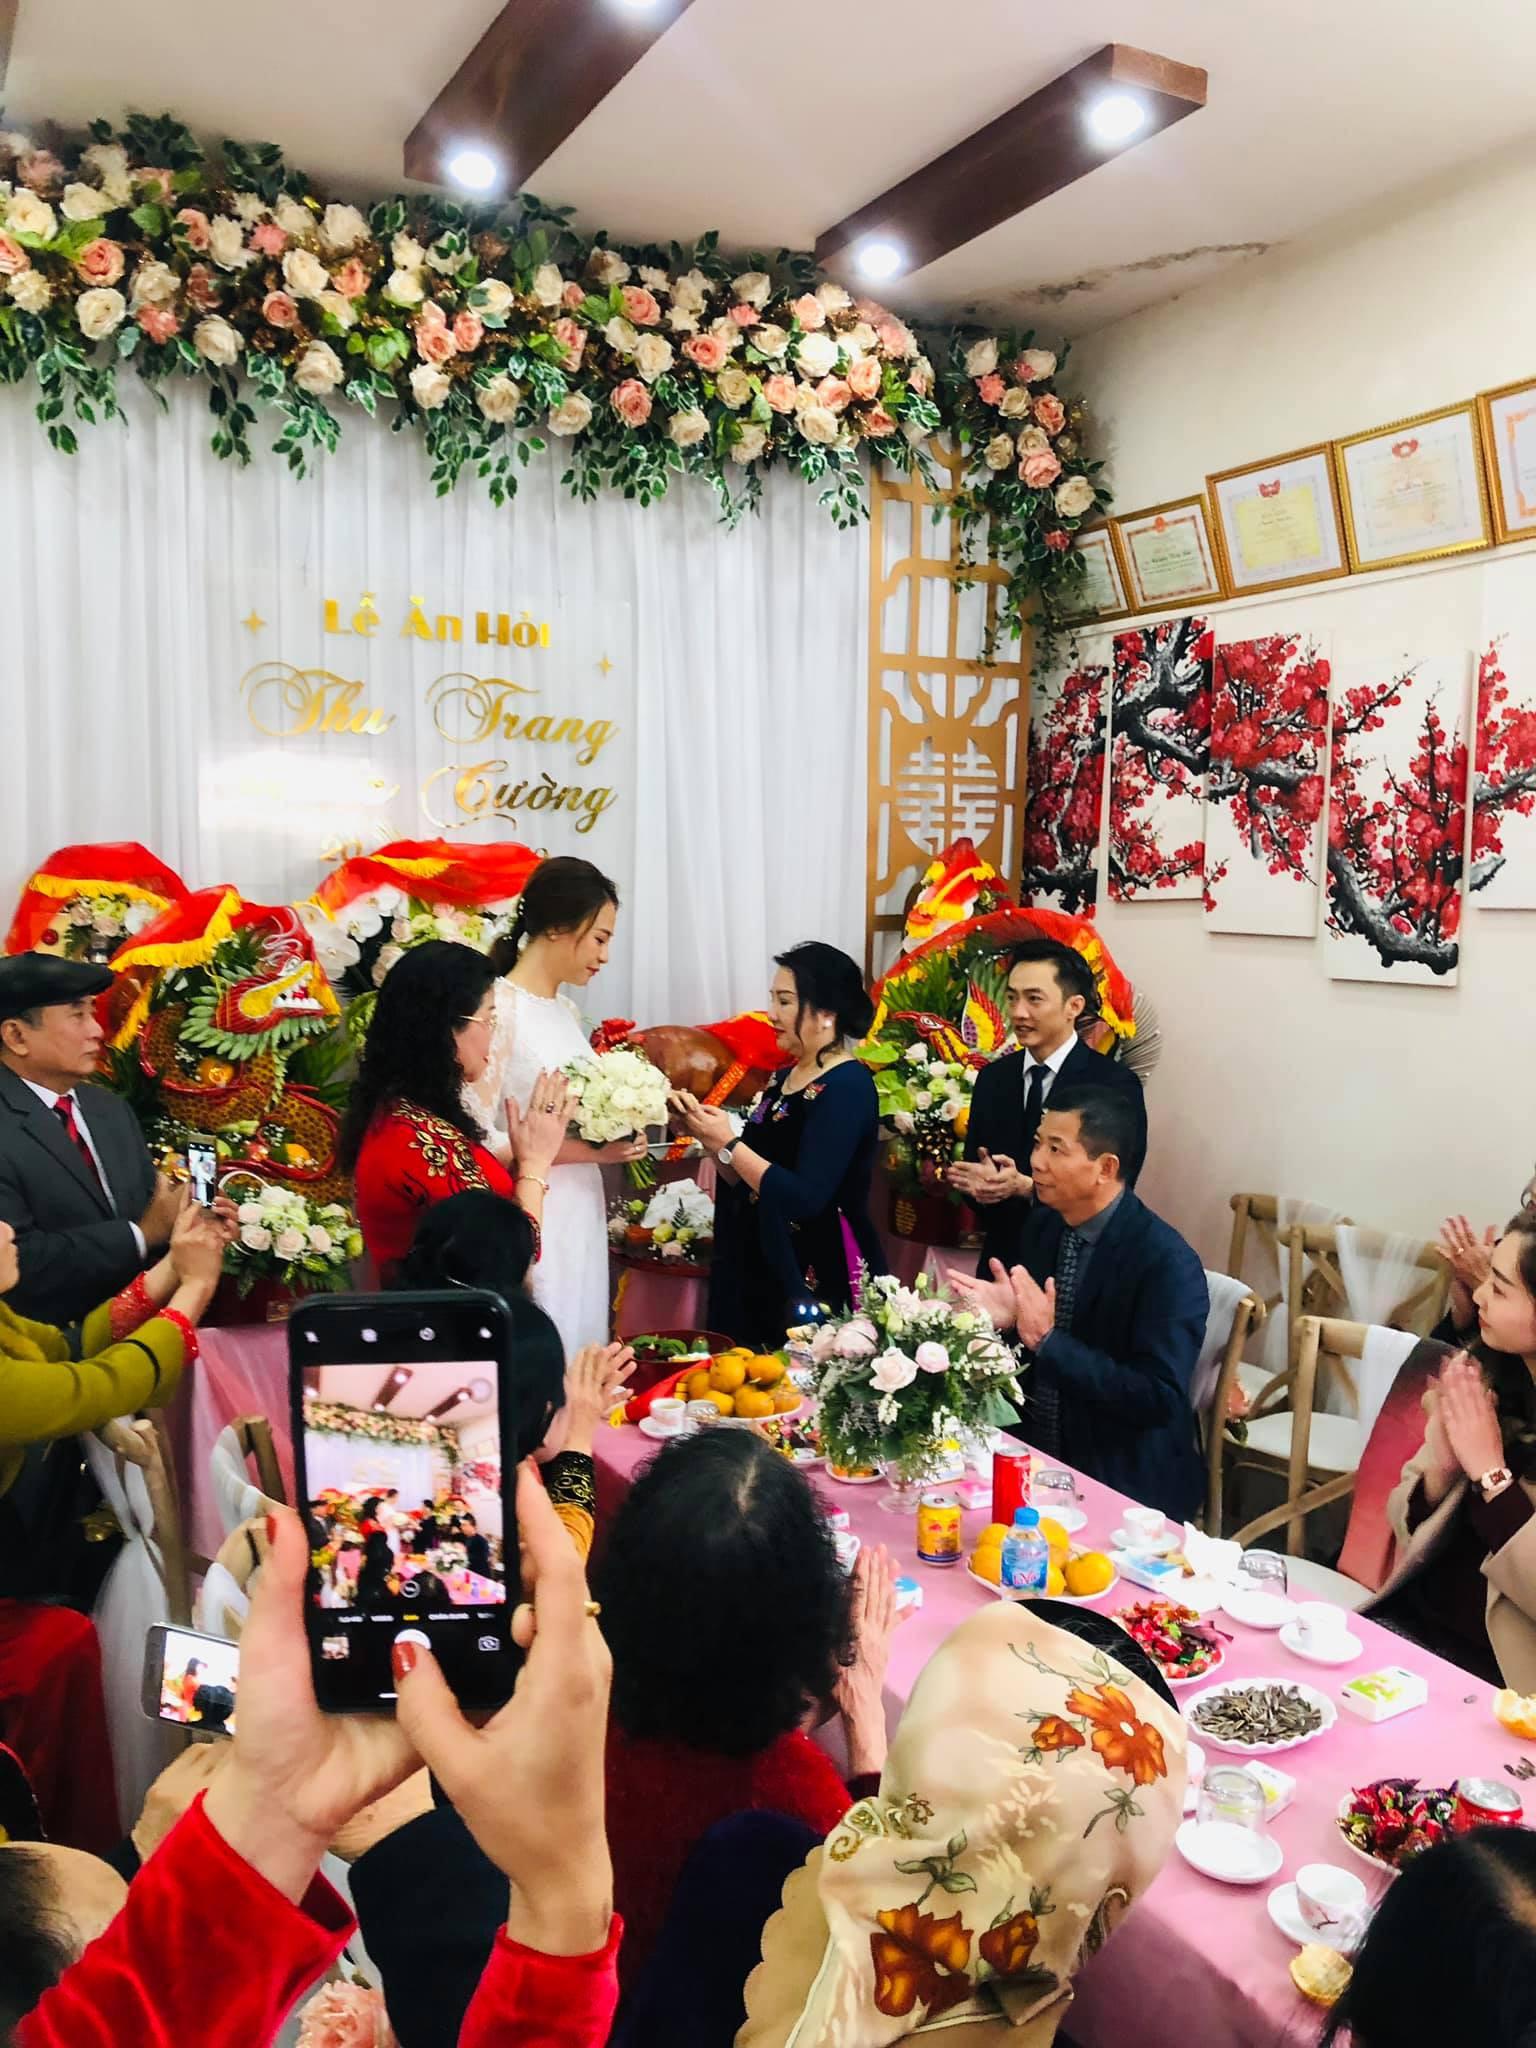 Chưa hết 1 tháng đầu năm 2019, showbiz Việt đã rộn ràng đón nhận liên tiếp 7 tin báo hỷ - Ảnh 3.